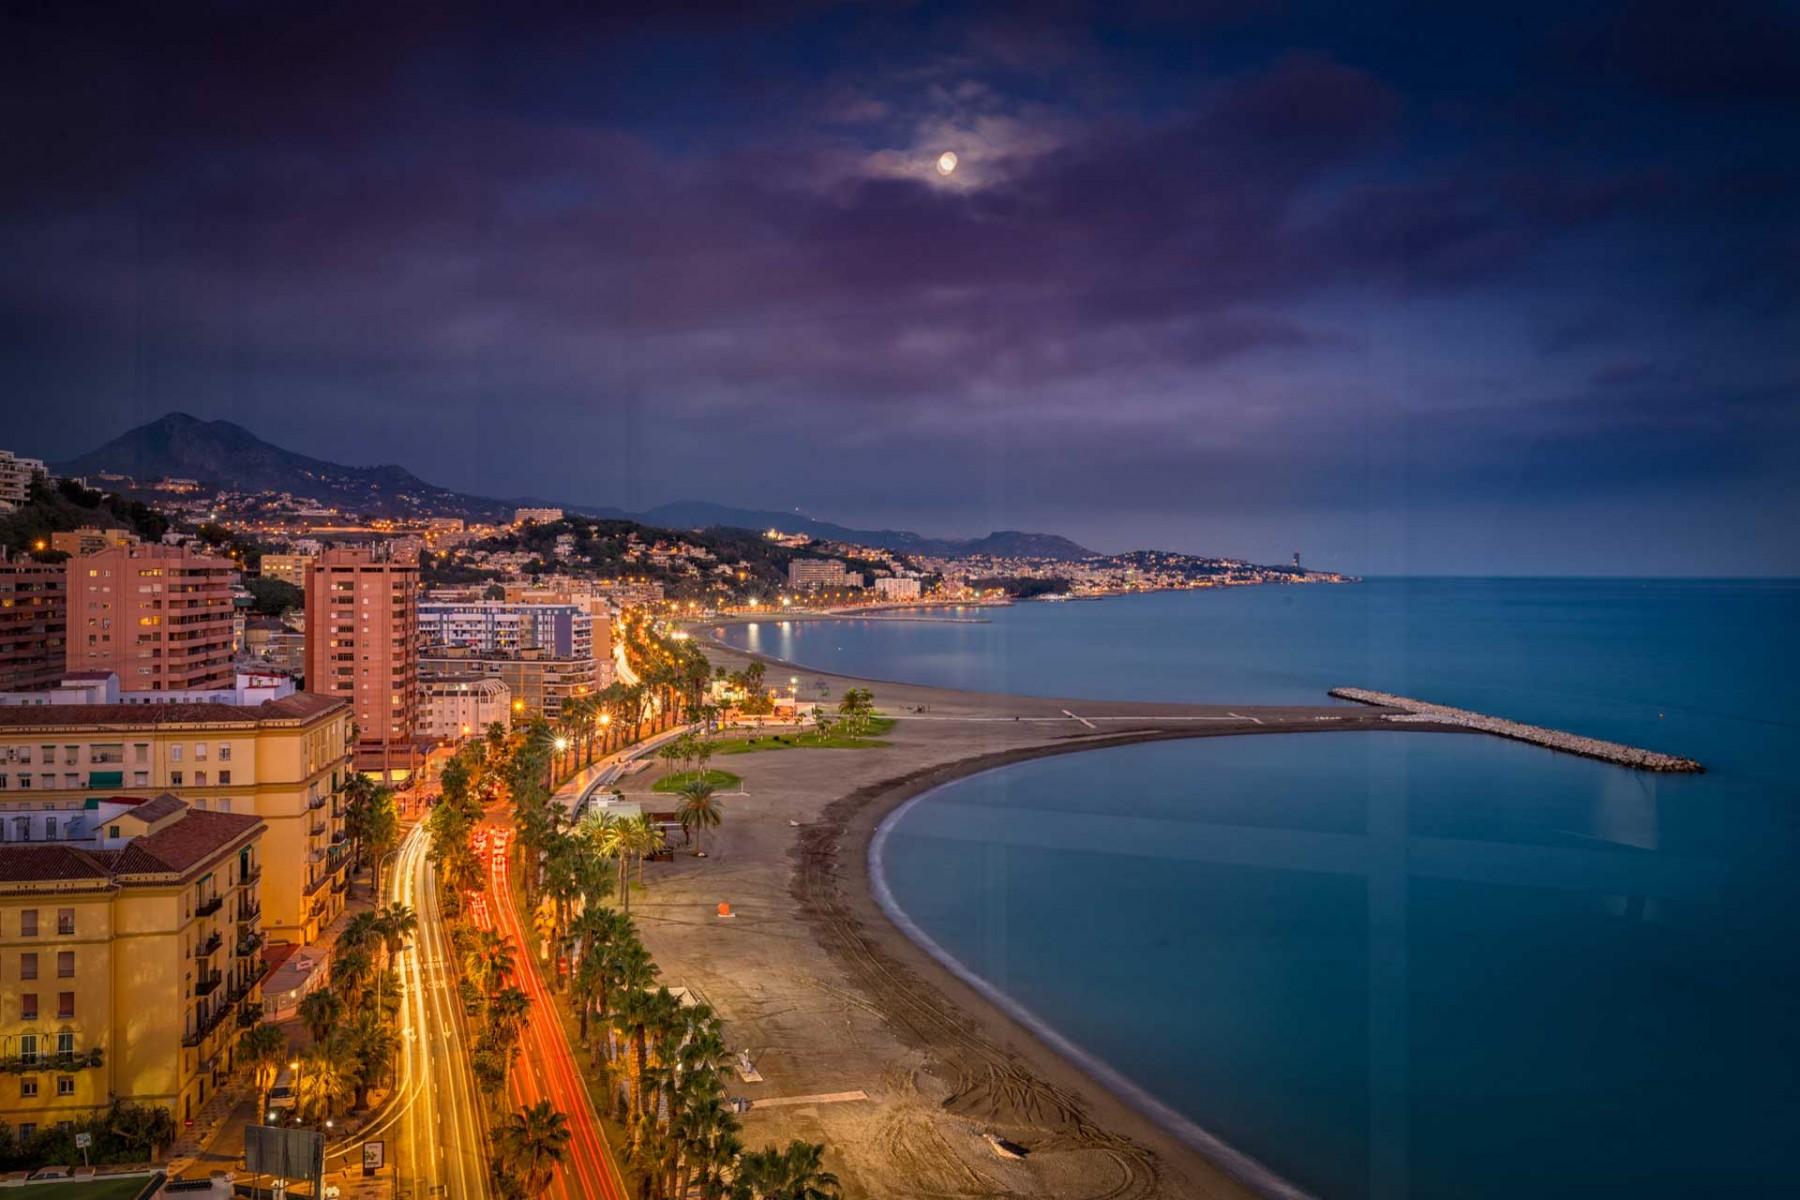 Ferielejlighed med fantastisk udsigt i området Malagueta i Malaga